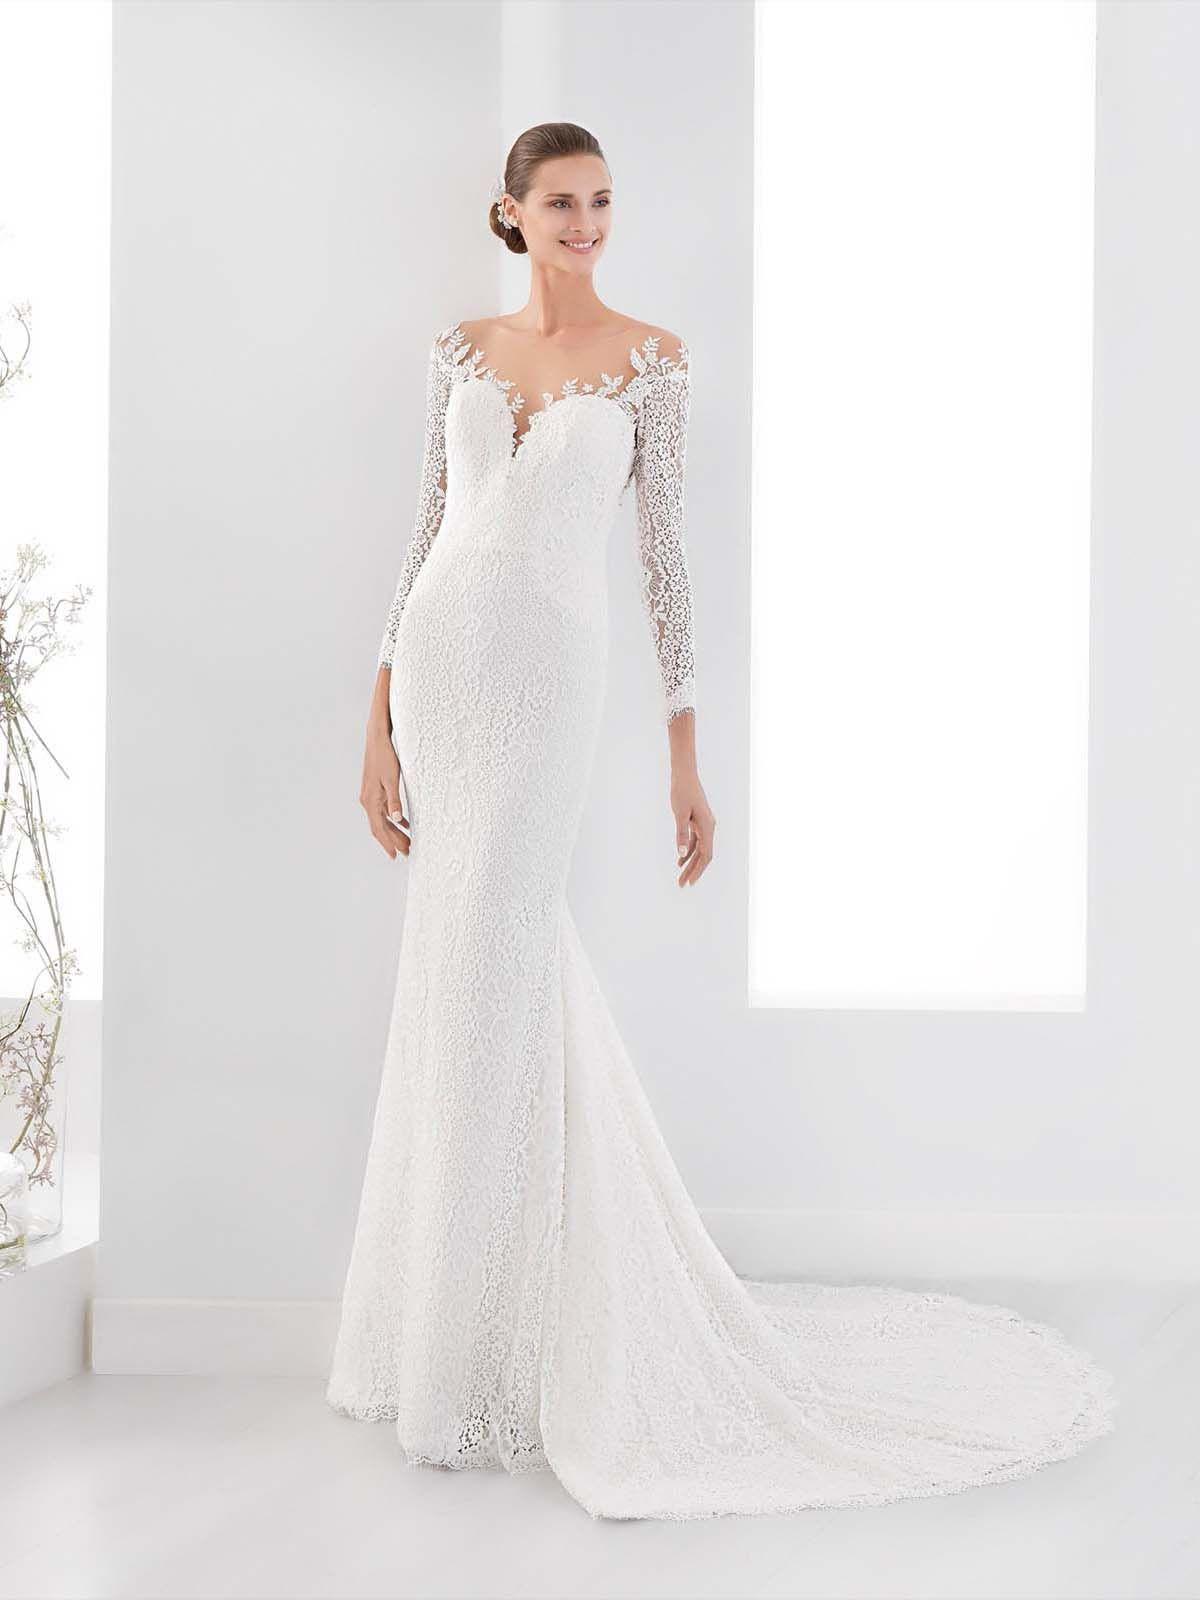 Vestidos de novia con escote hombros caidos